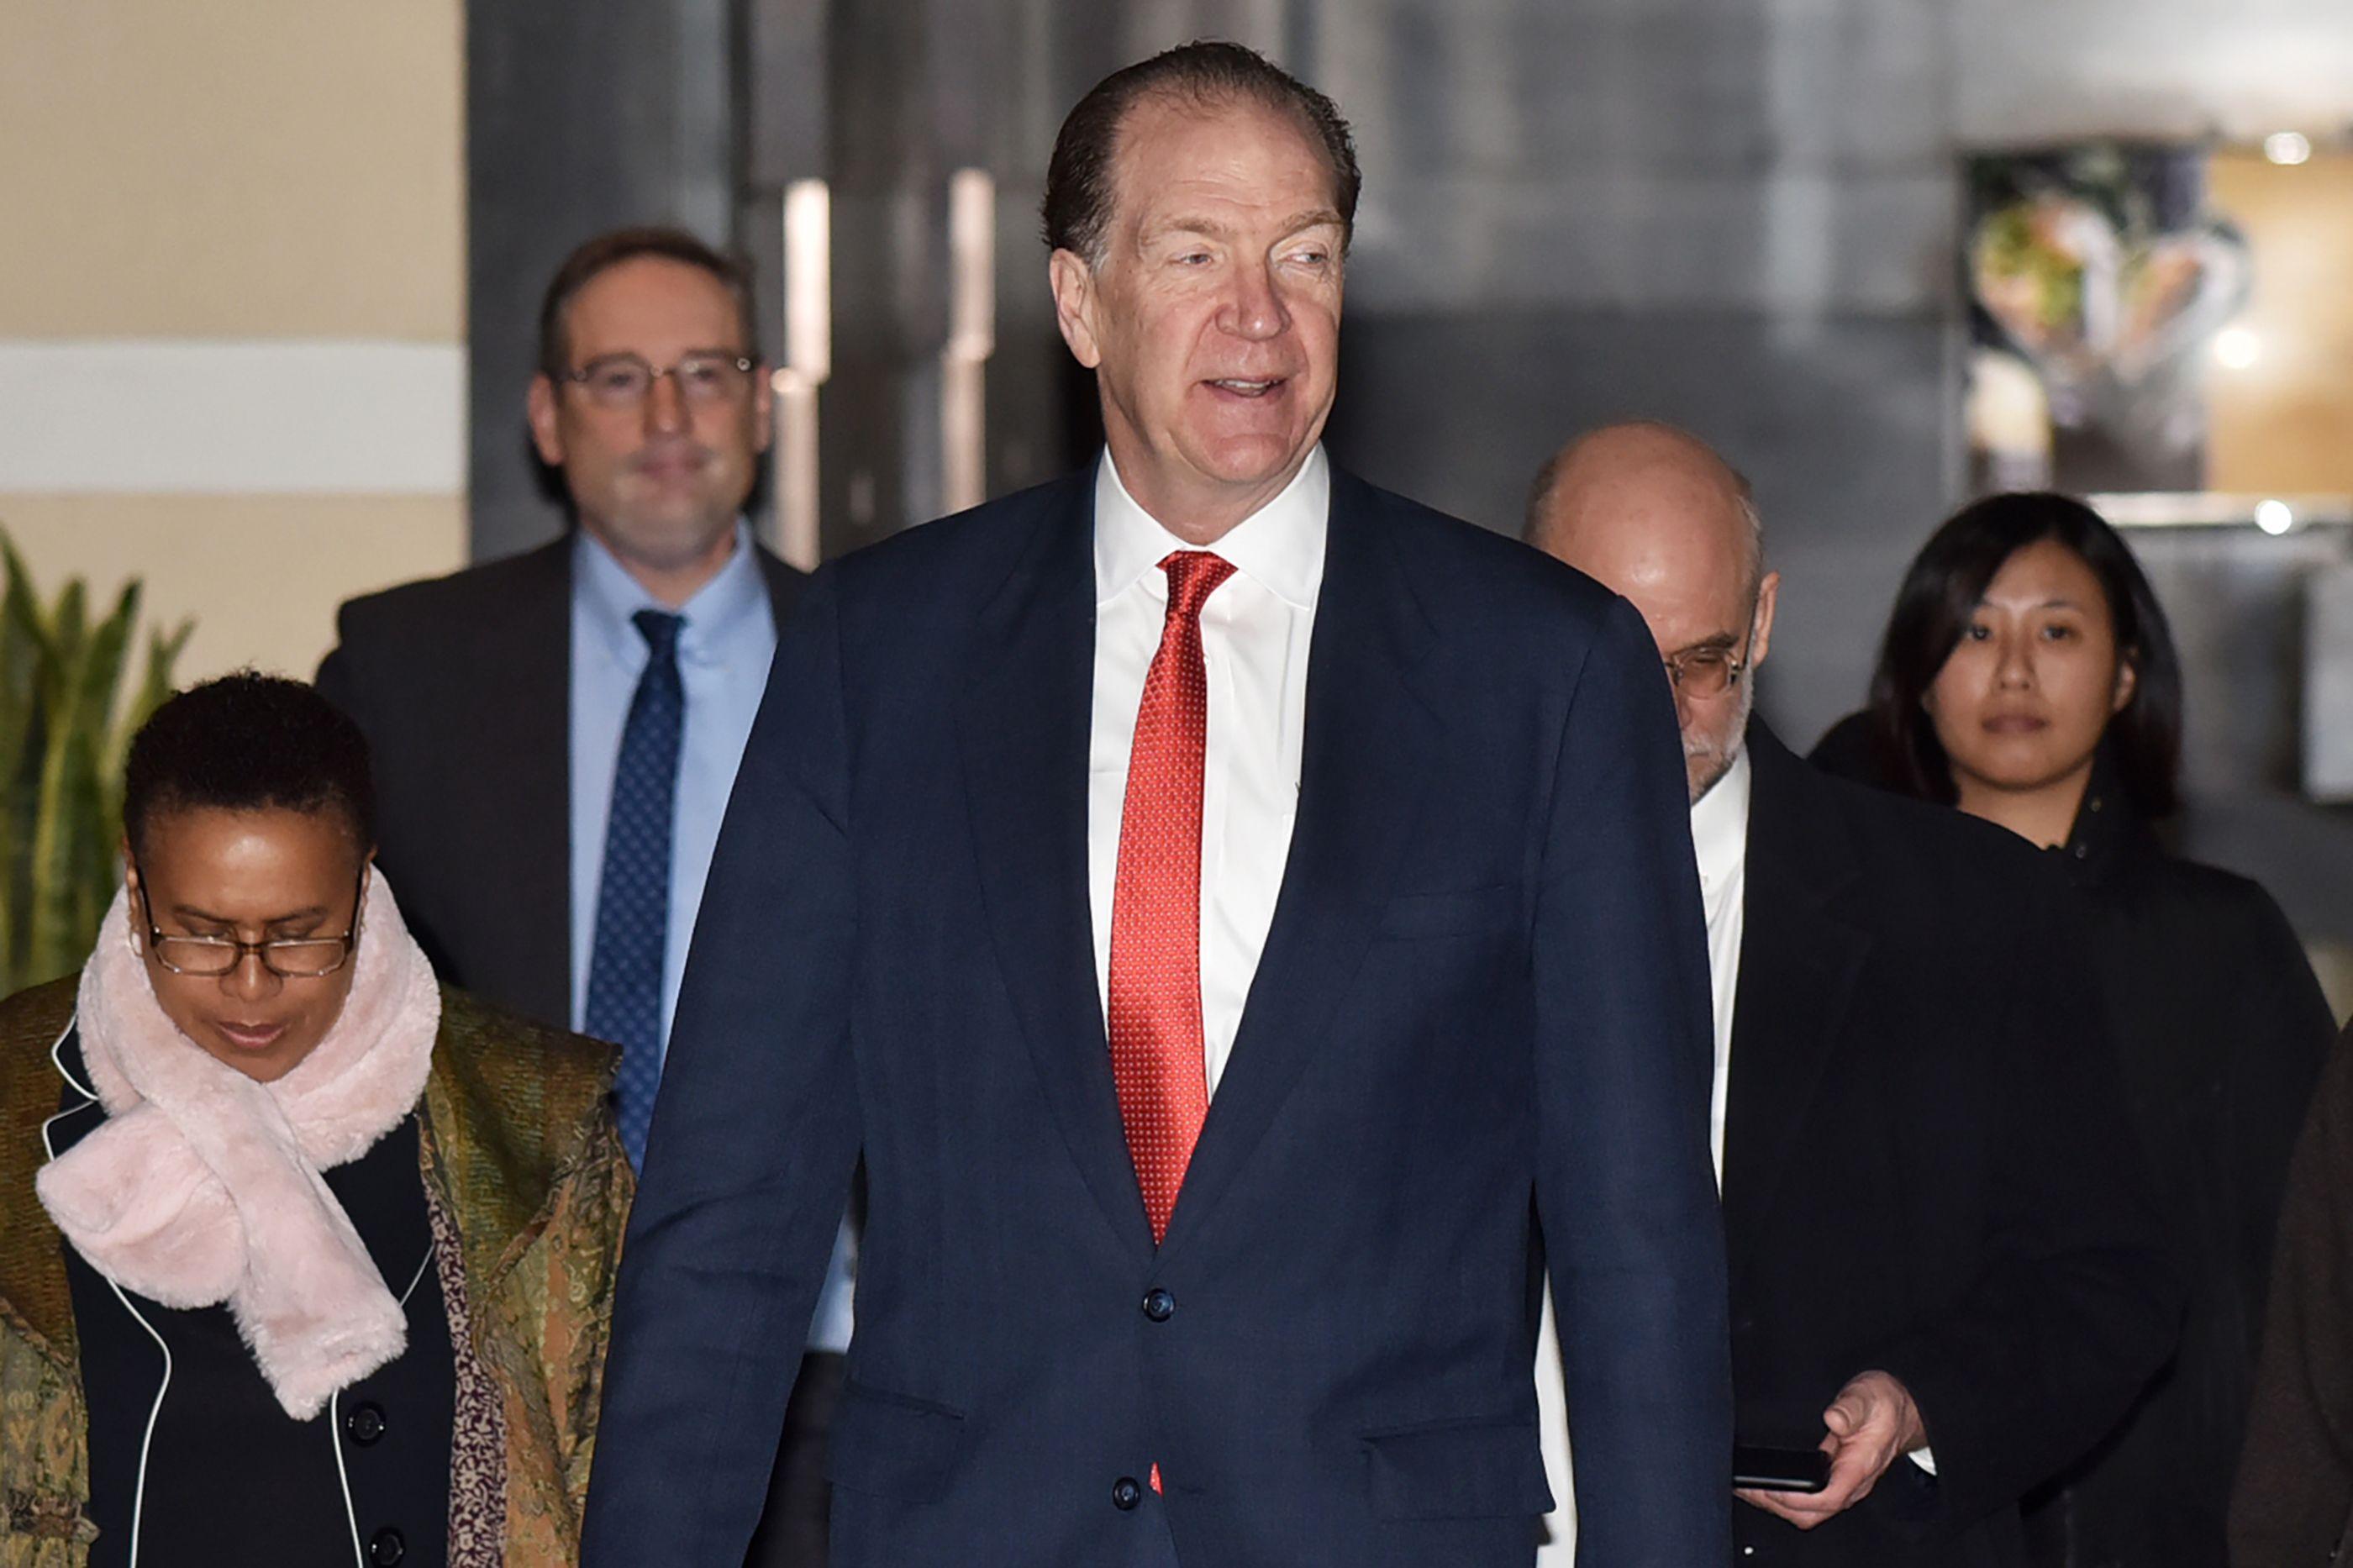 Tregua comercial con China no se ampliará, dice emisario estadounidense en negociación